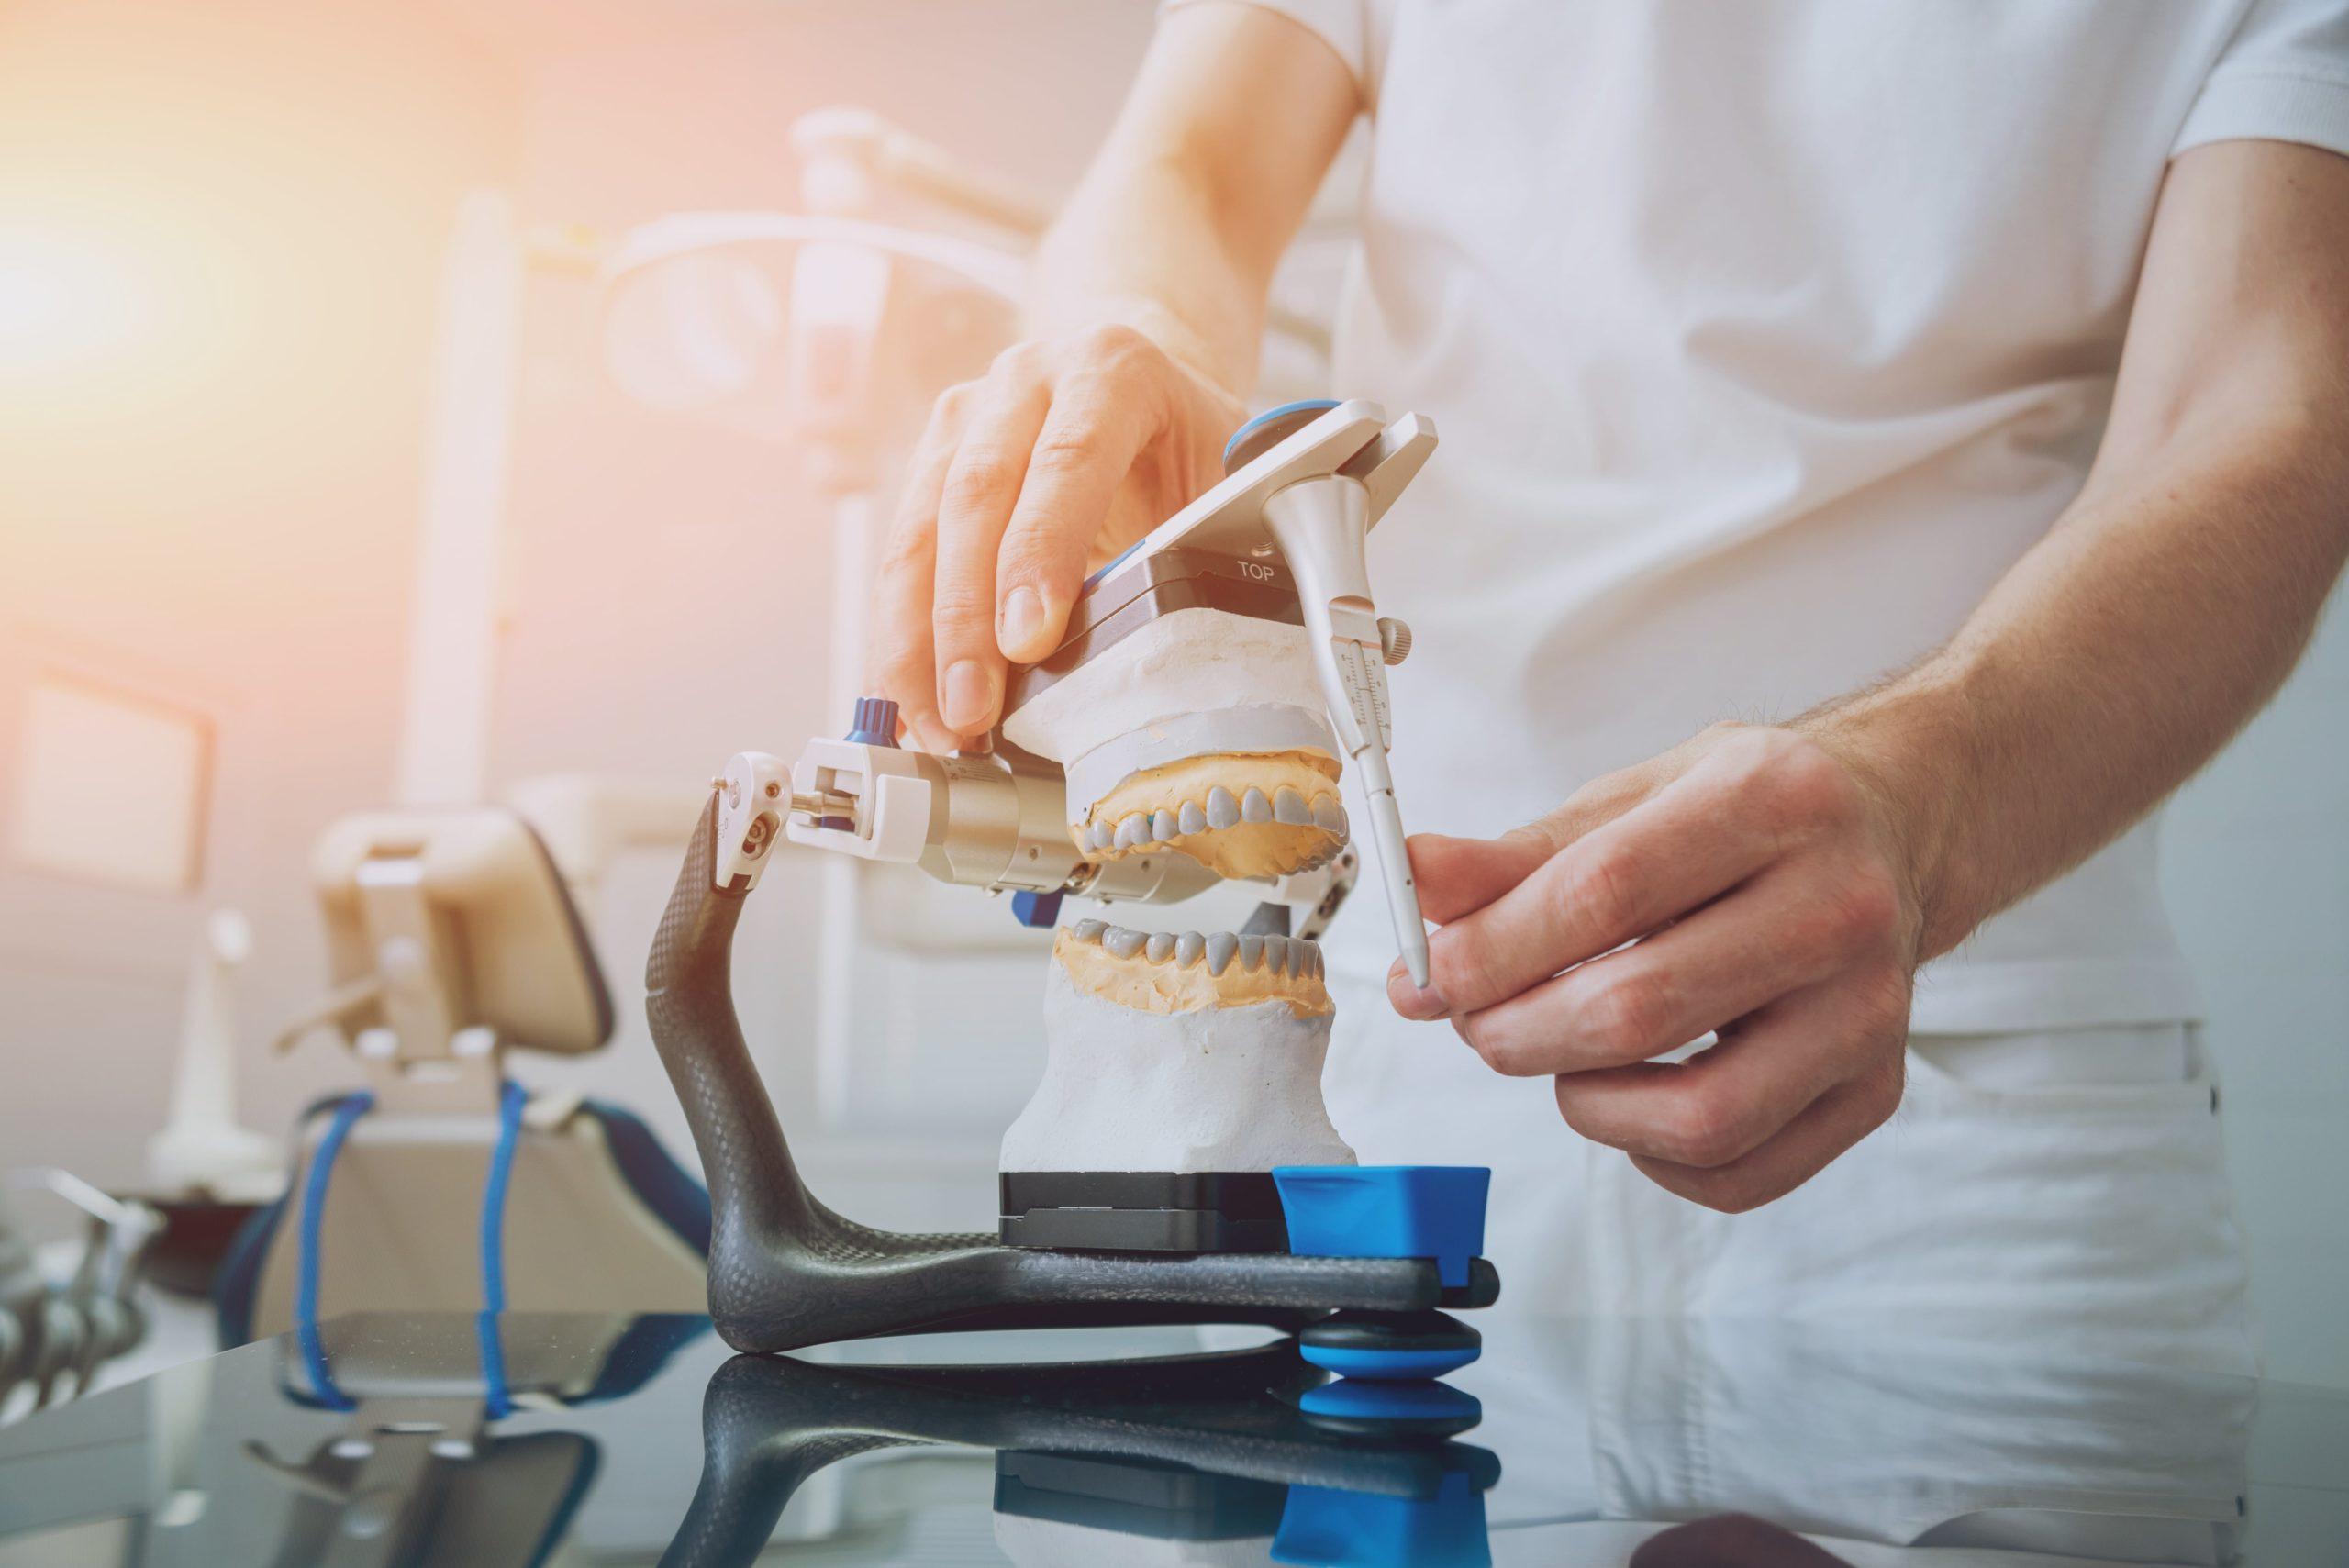 Ein Zahntechniker von Labor Torsello testet den Zahn den er erstellt hat